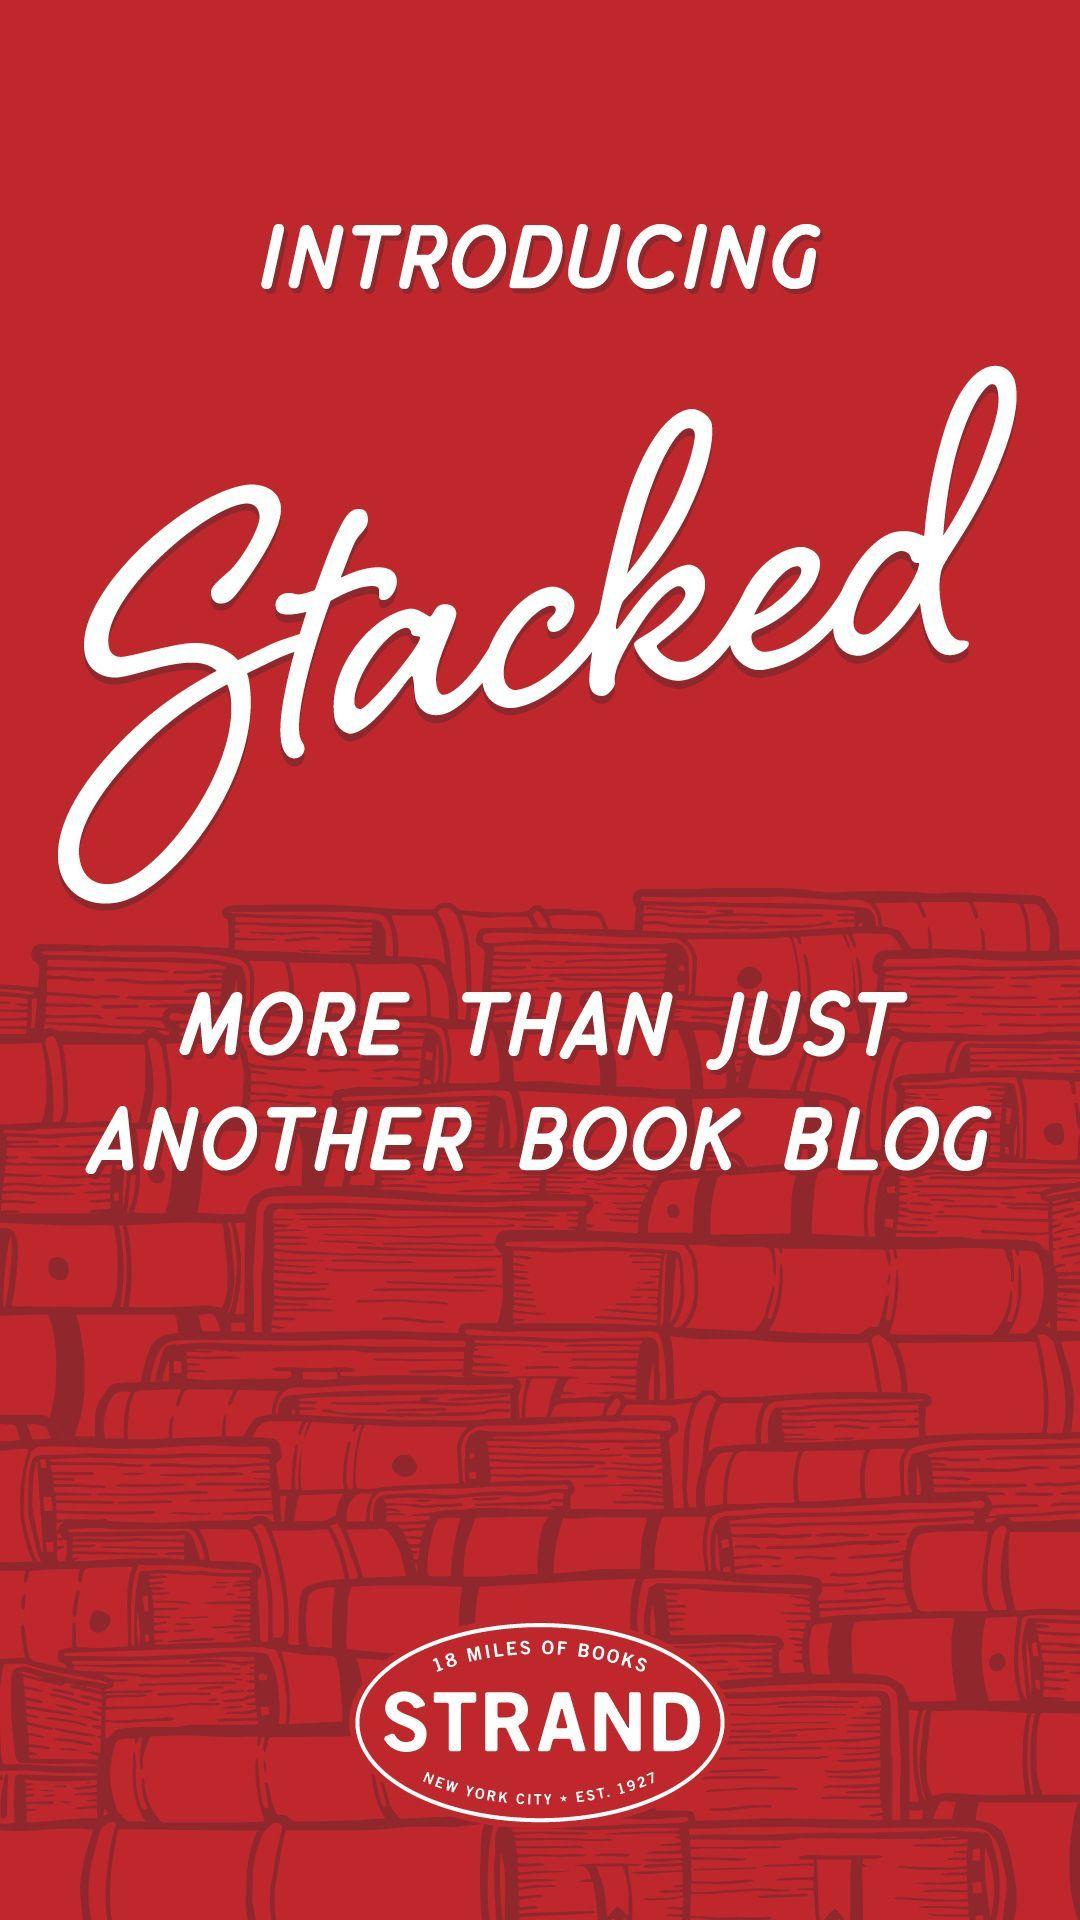 Strand Book Store Book Blog Books Bookstore